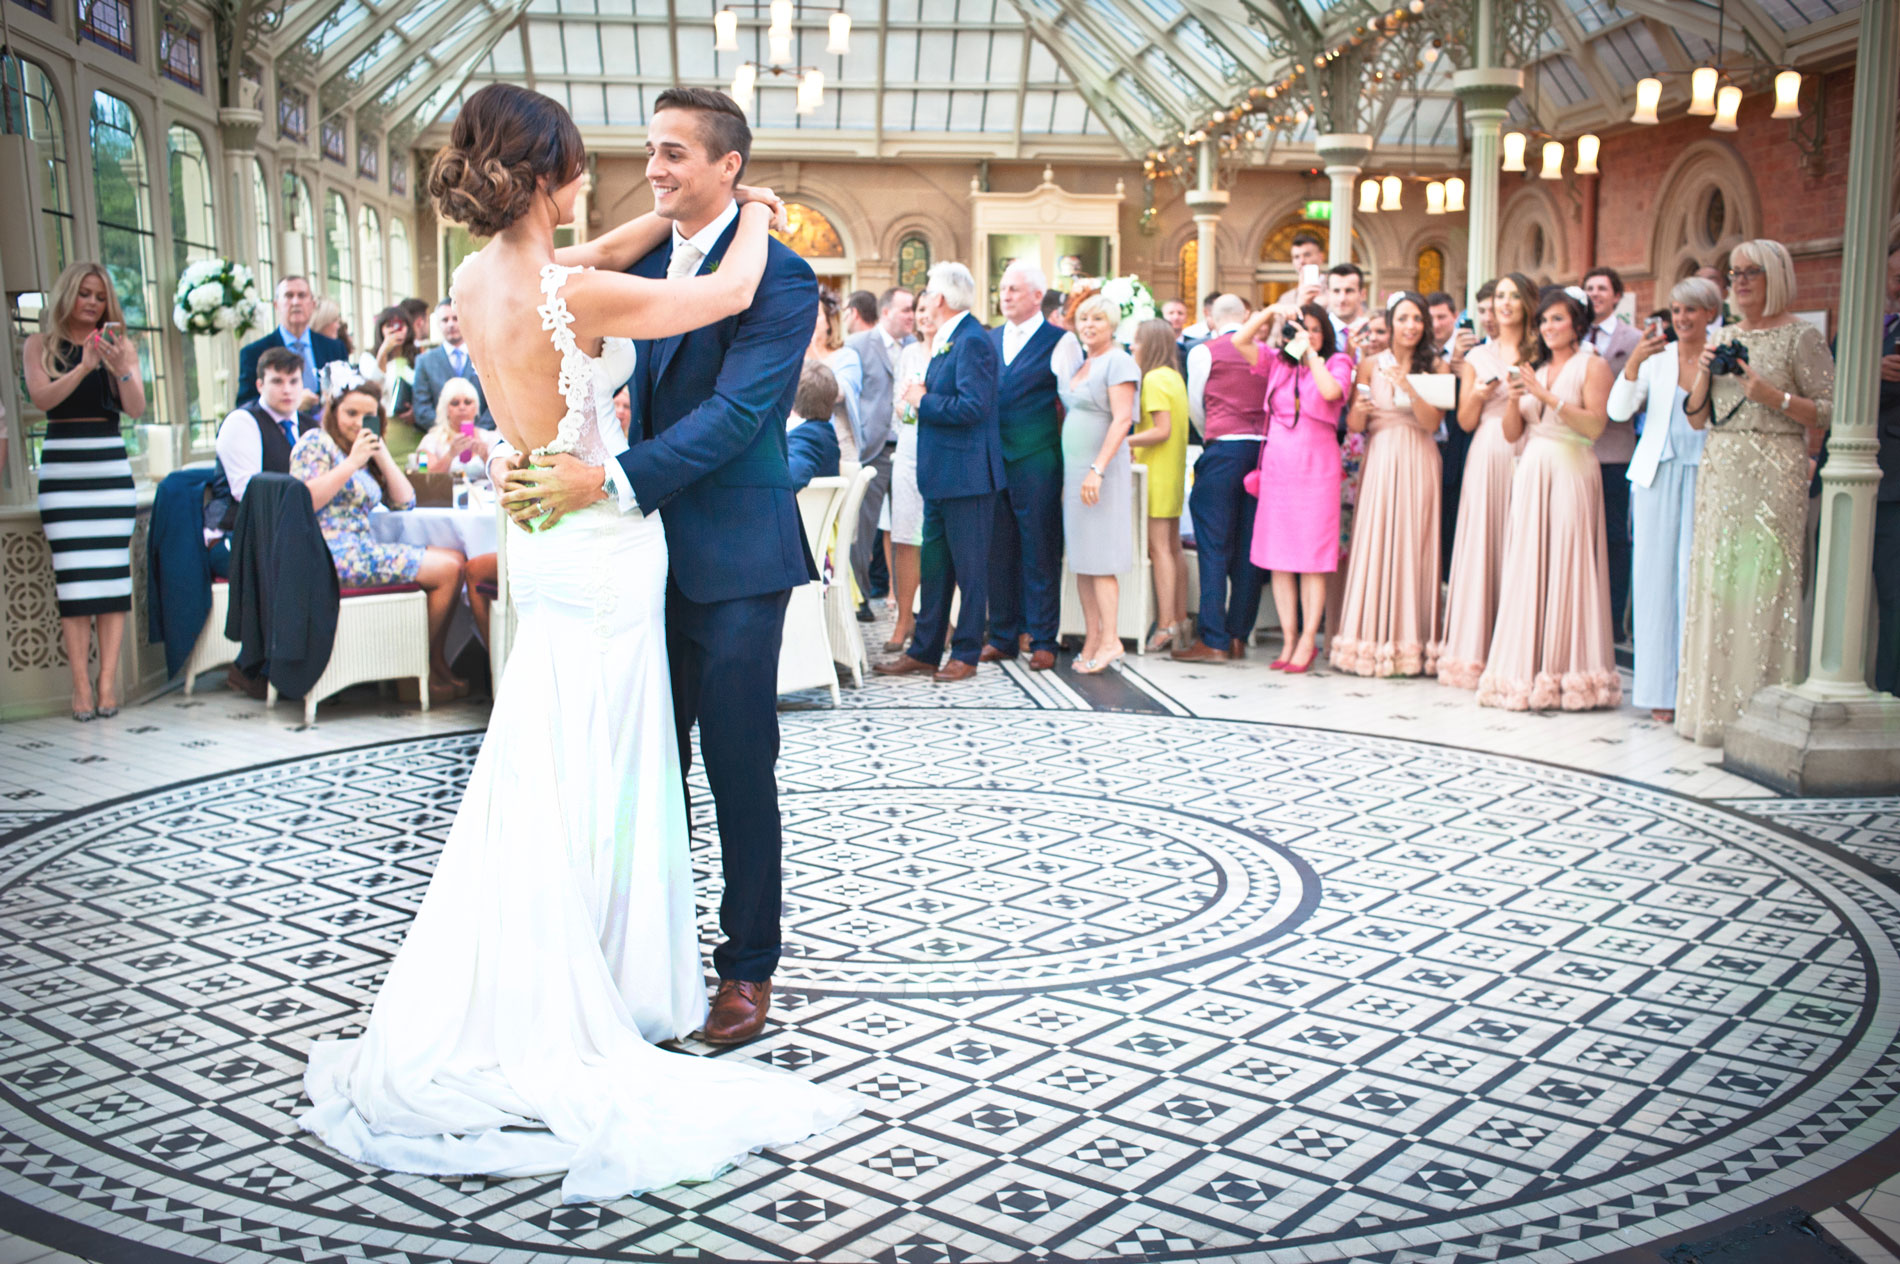 Kilworth-weddings-_78.jpg